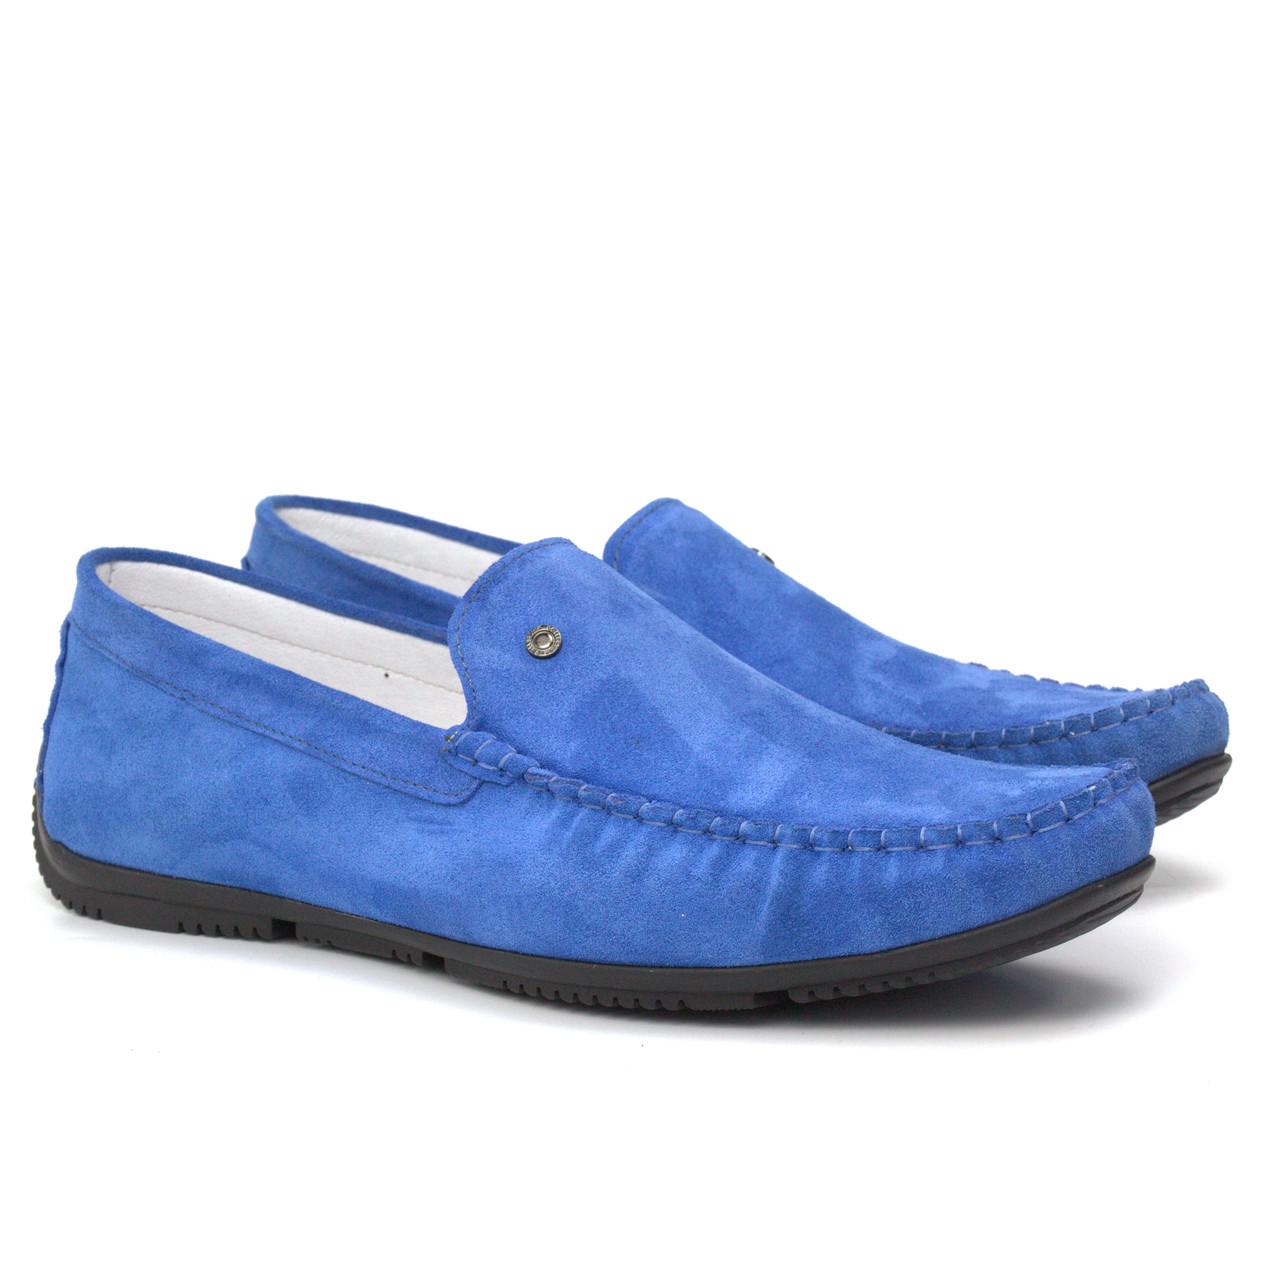 Голубые летние мужские мокасины замшевые обувь летняя Rosso Avangard SE Alberto M4 Blu